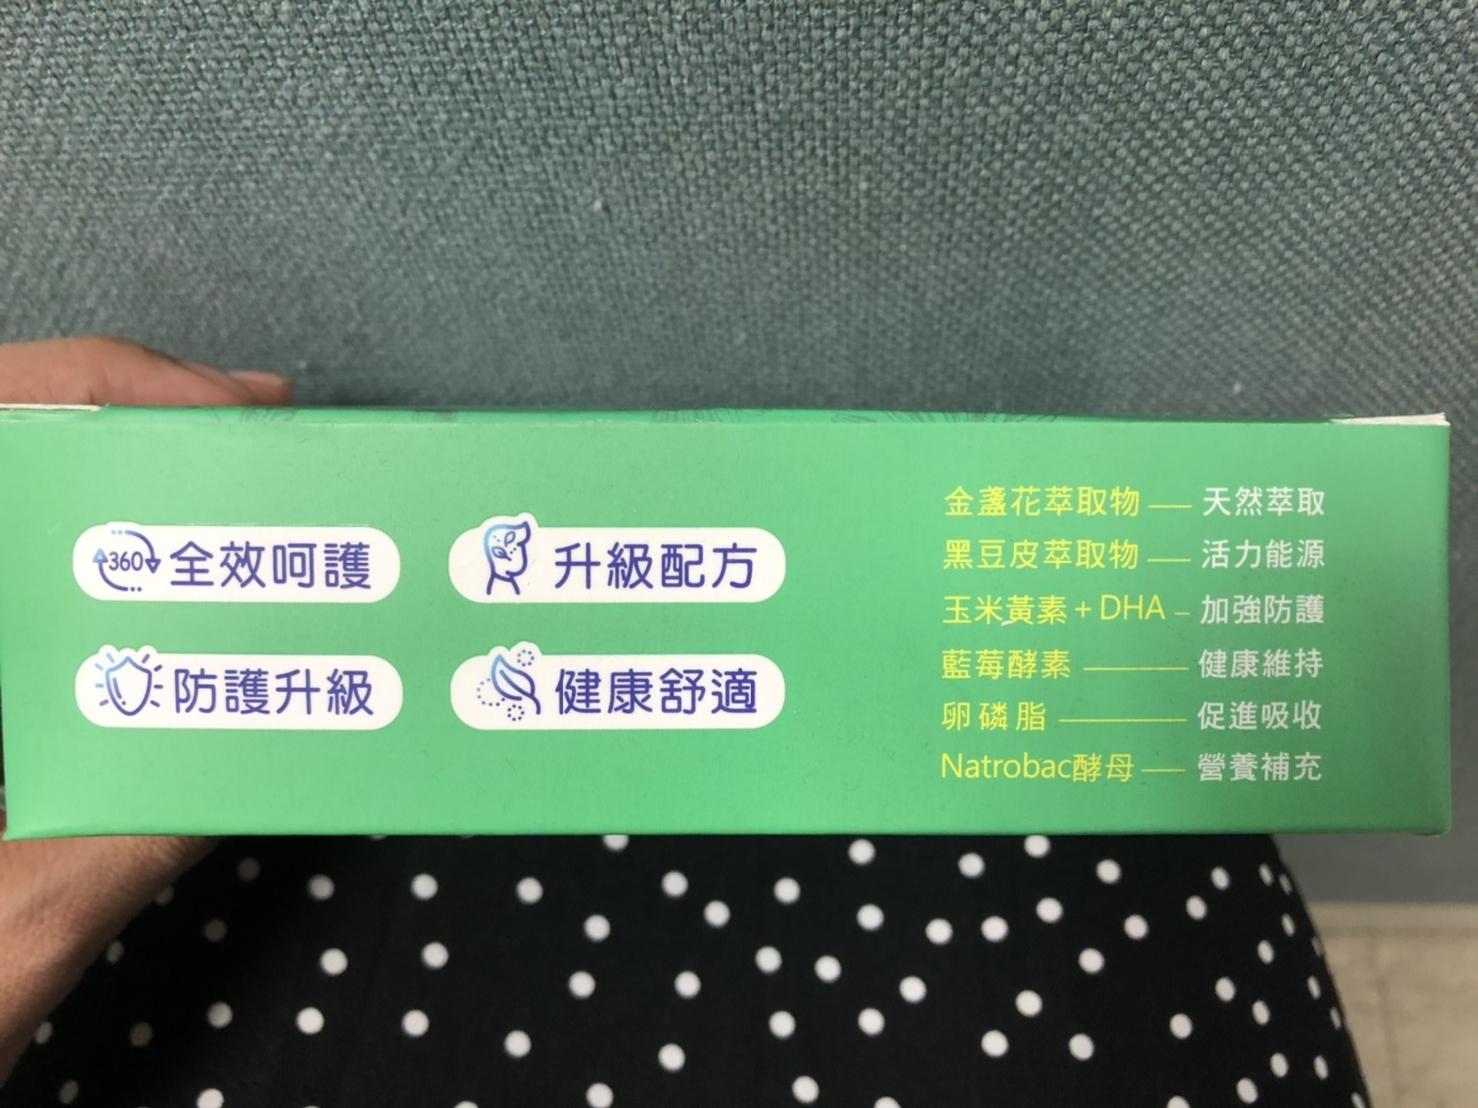 健康長行維明素葉黃素維持晶亮健康3